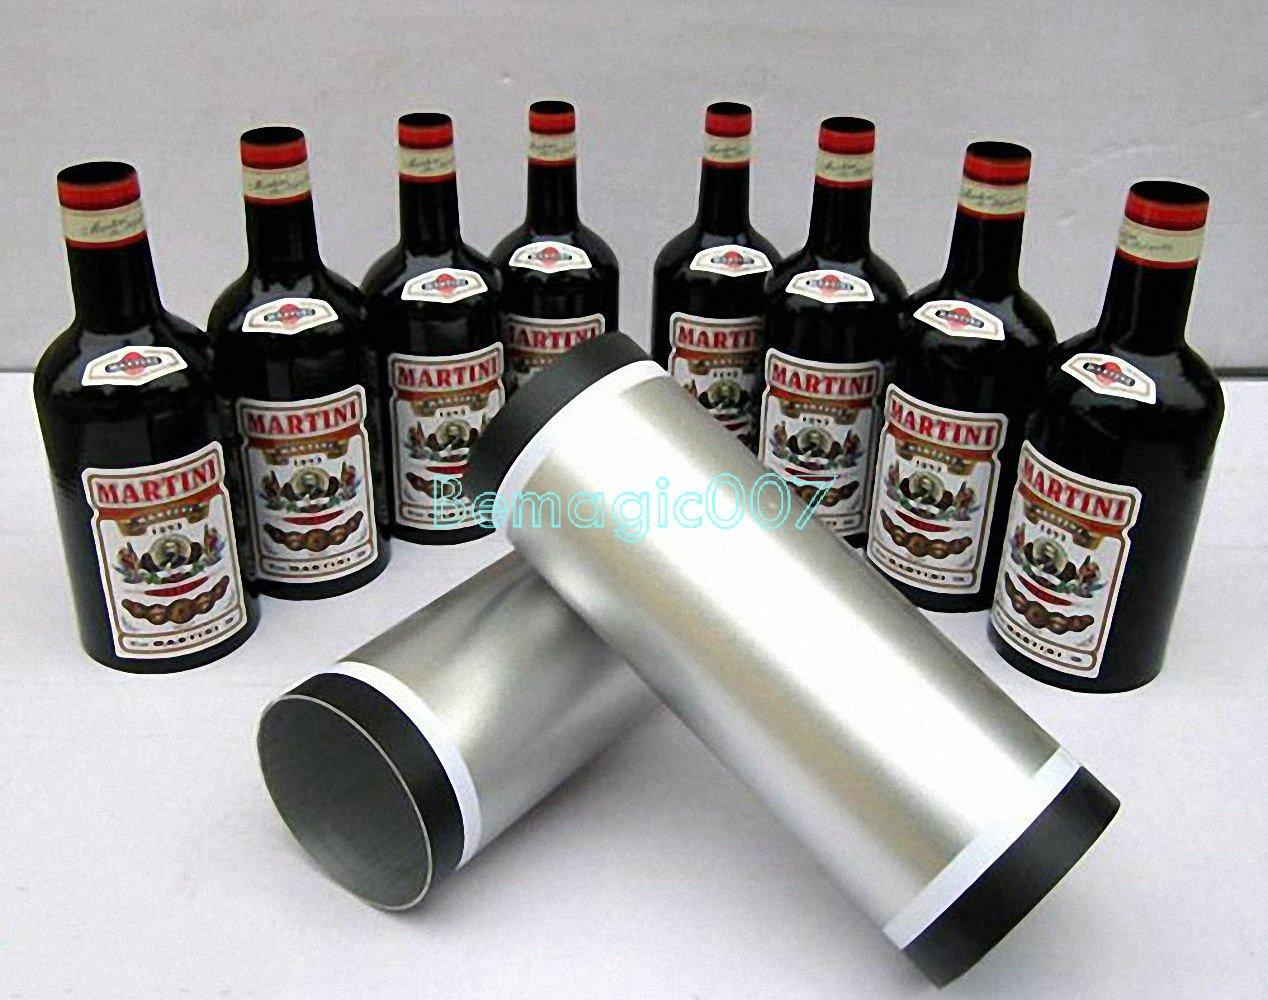 Multiplying Bottles Black 8 bottles - Stage Magic Tricks